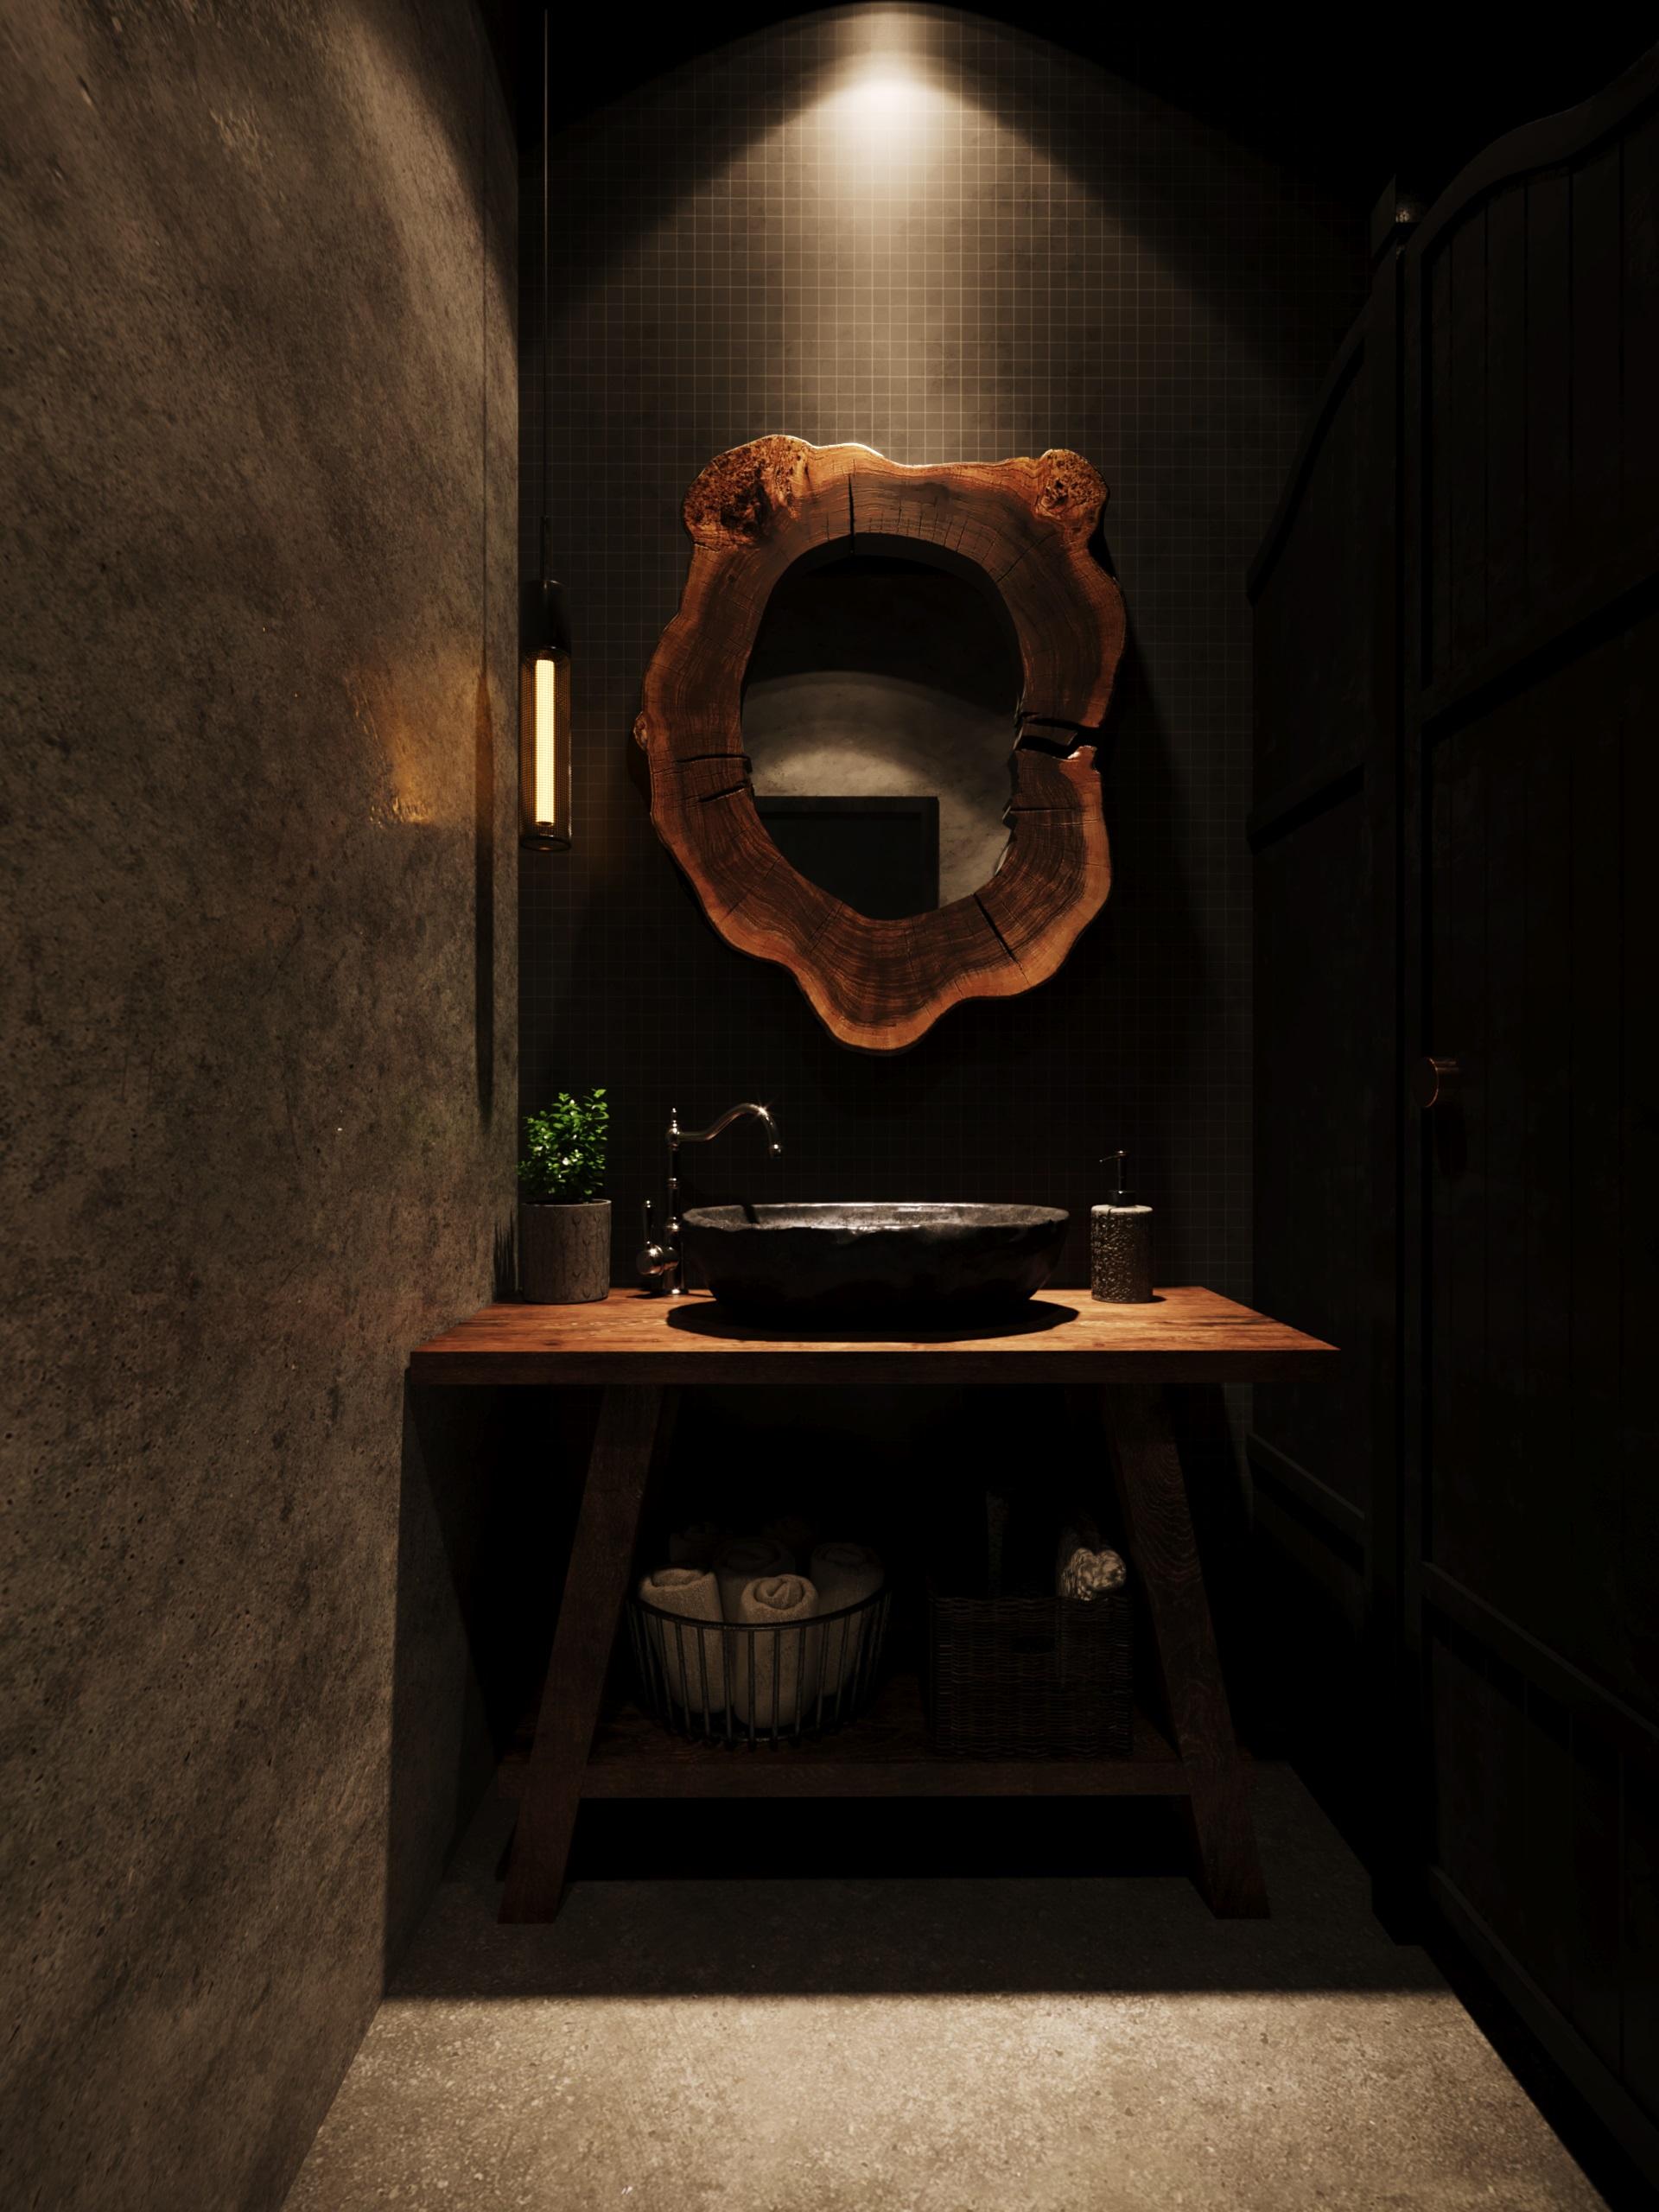 thiết kế nội thất Cafe tại Hà Nội caffee koi 34 1569649998